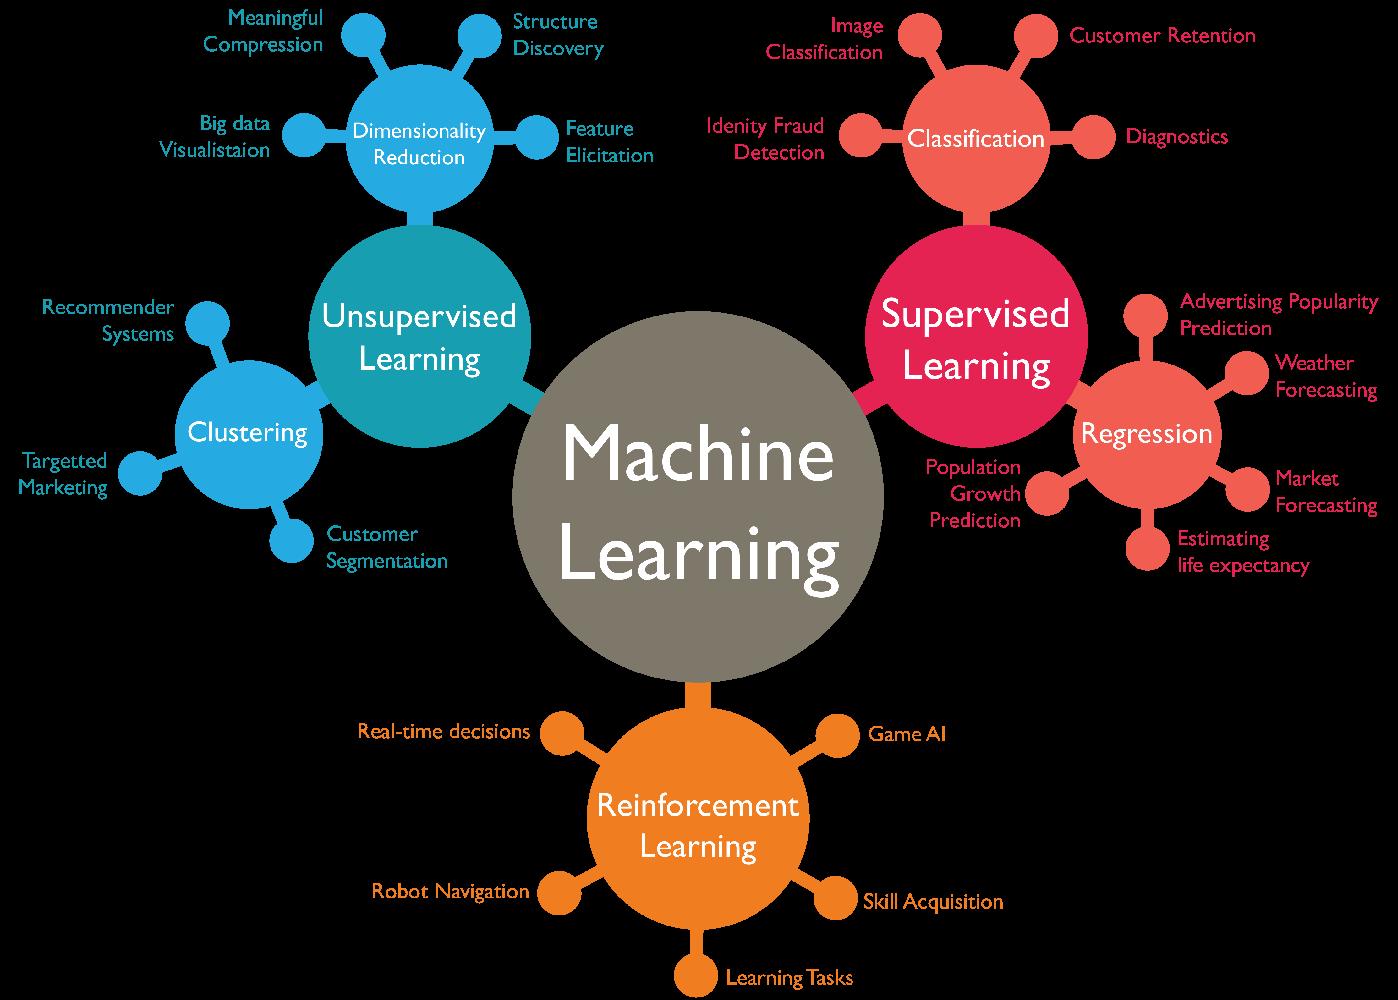 机器学习太难?一文带你掌握机器学习的必备基础知识